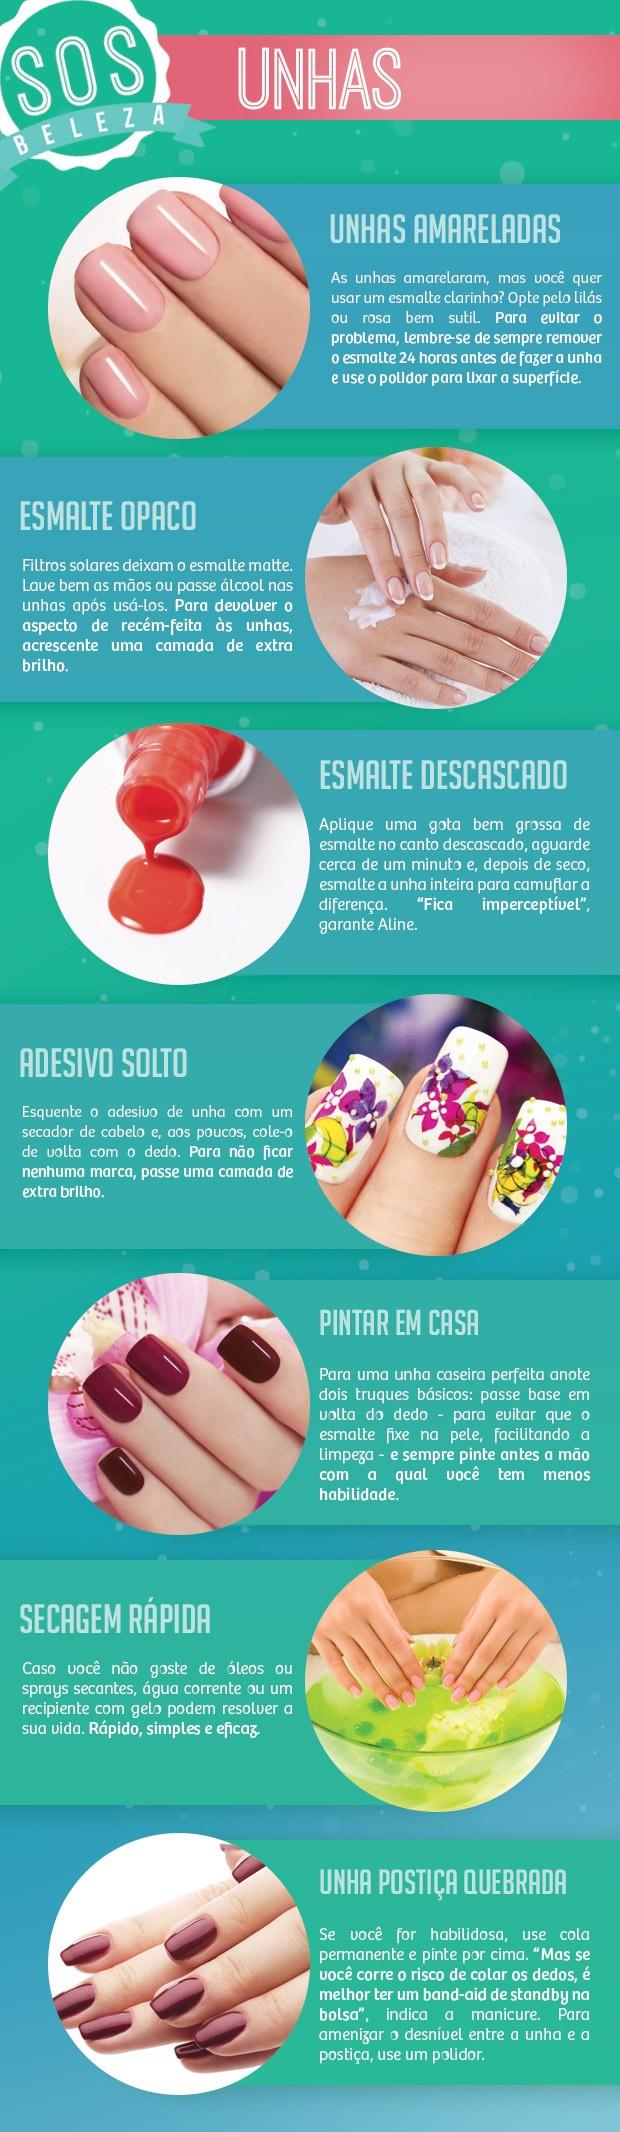 SOS Beleza Unhas (Foto: Getty images)